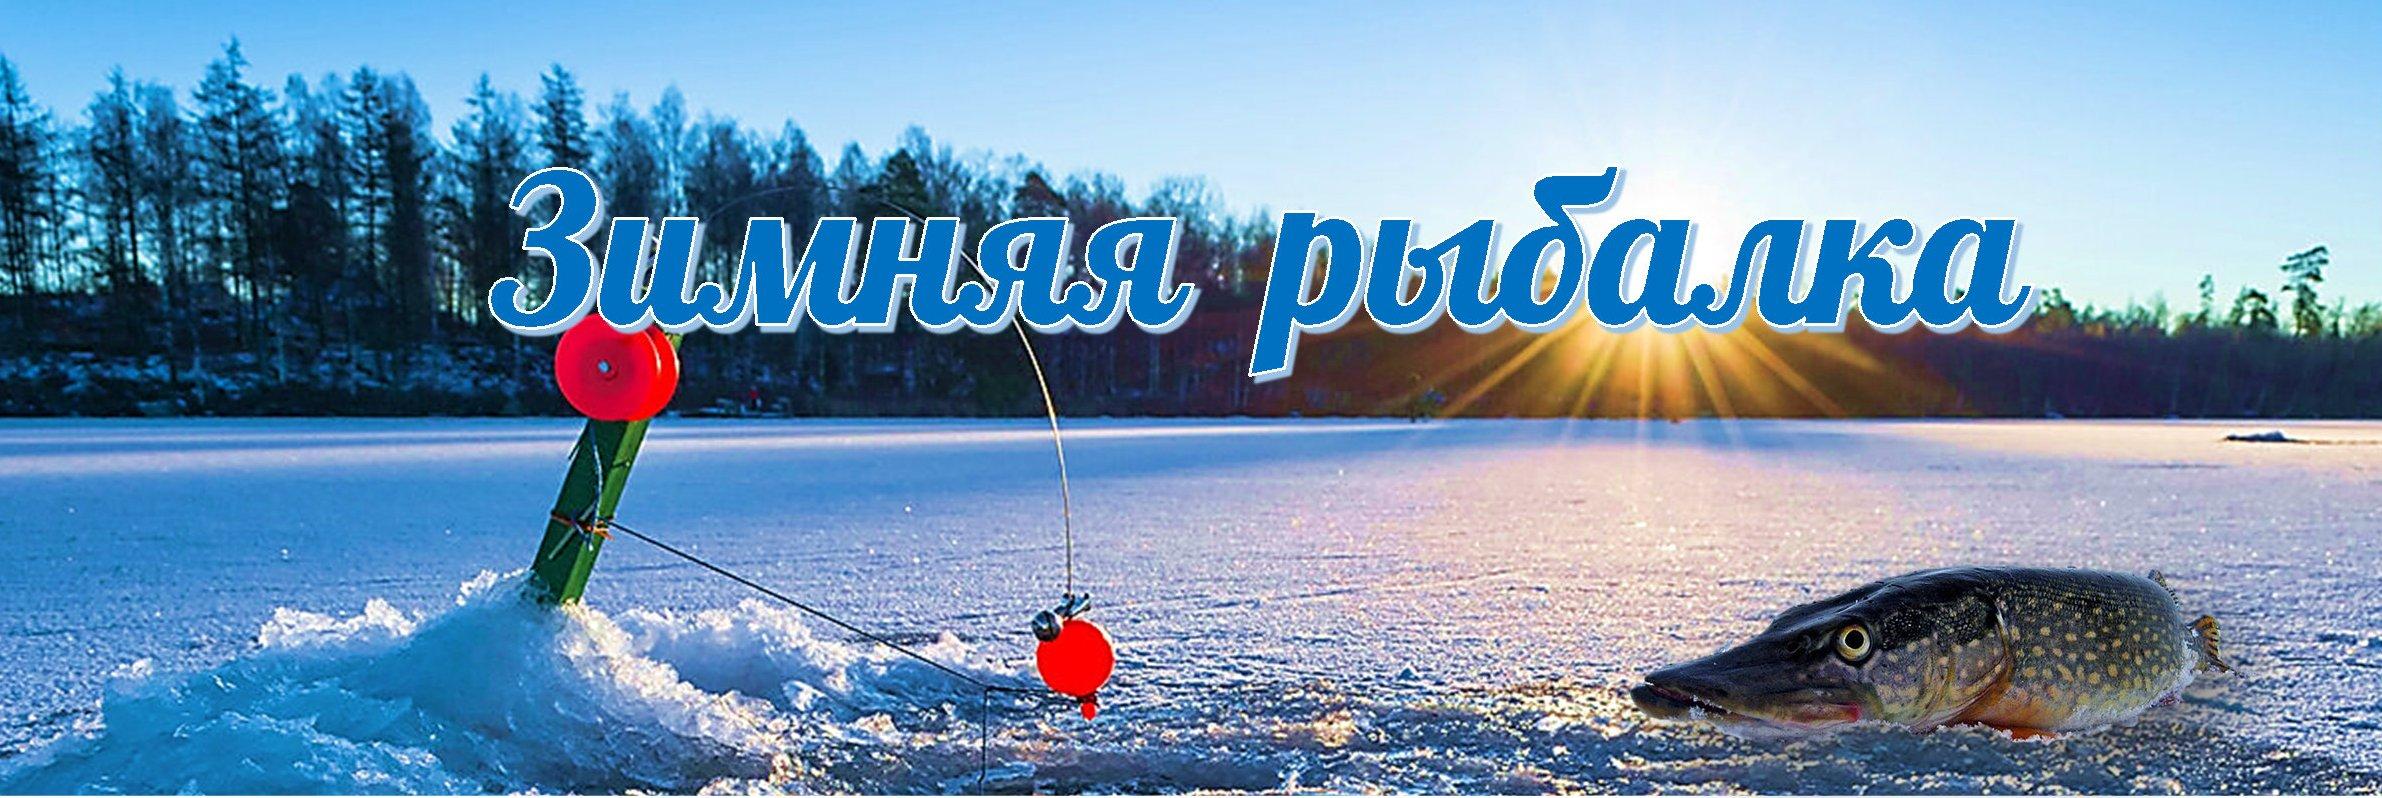 Зимняя рыбалка 2019-2020 открыта!